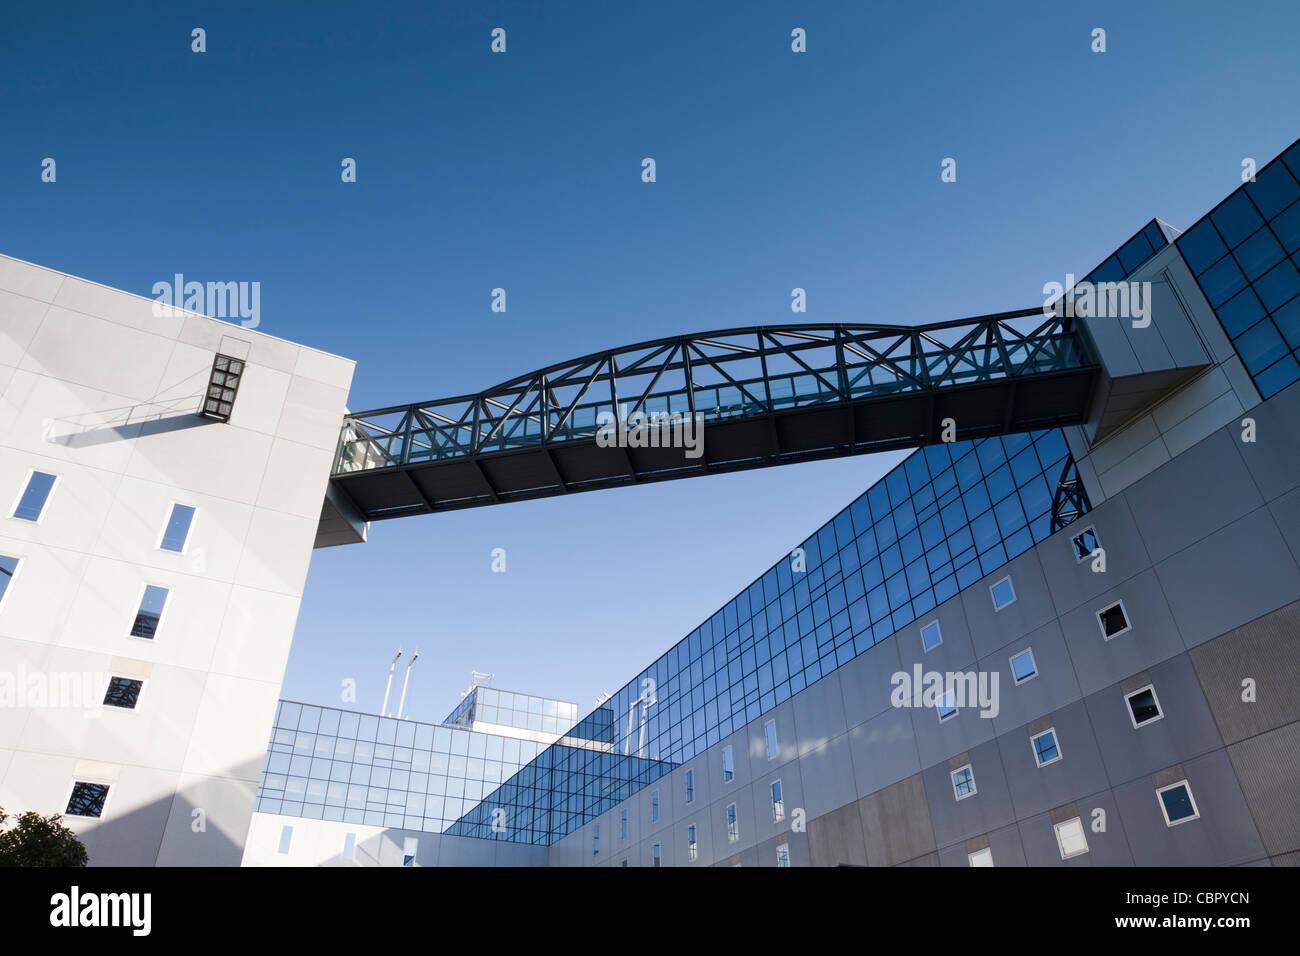 La arquitectura moderna en la estación de tren de Kioto, Japón. Imagen De Stock